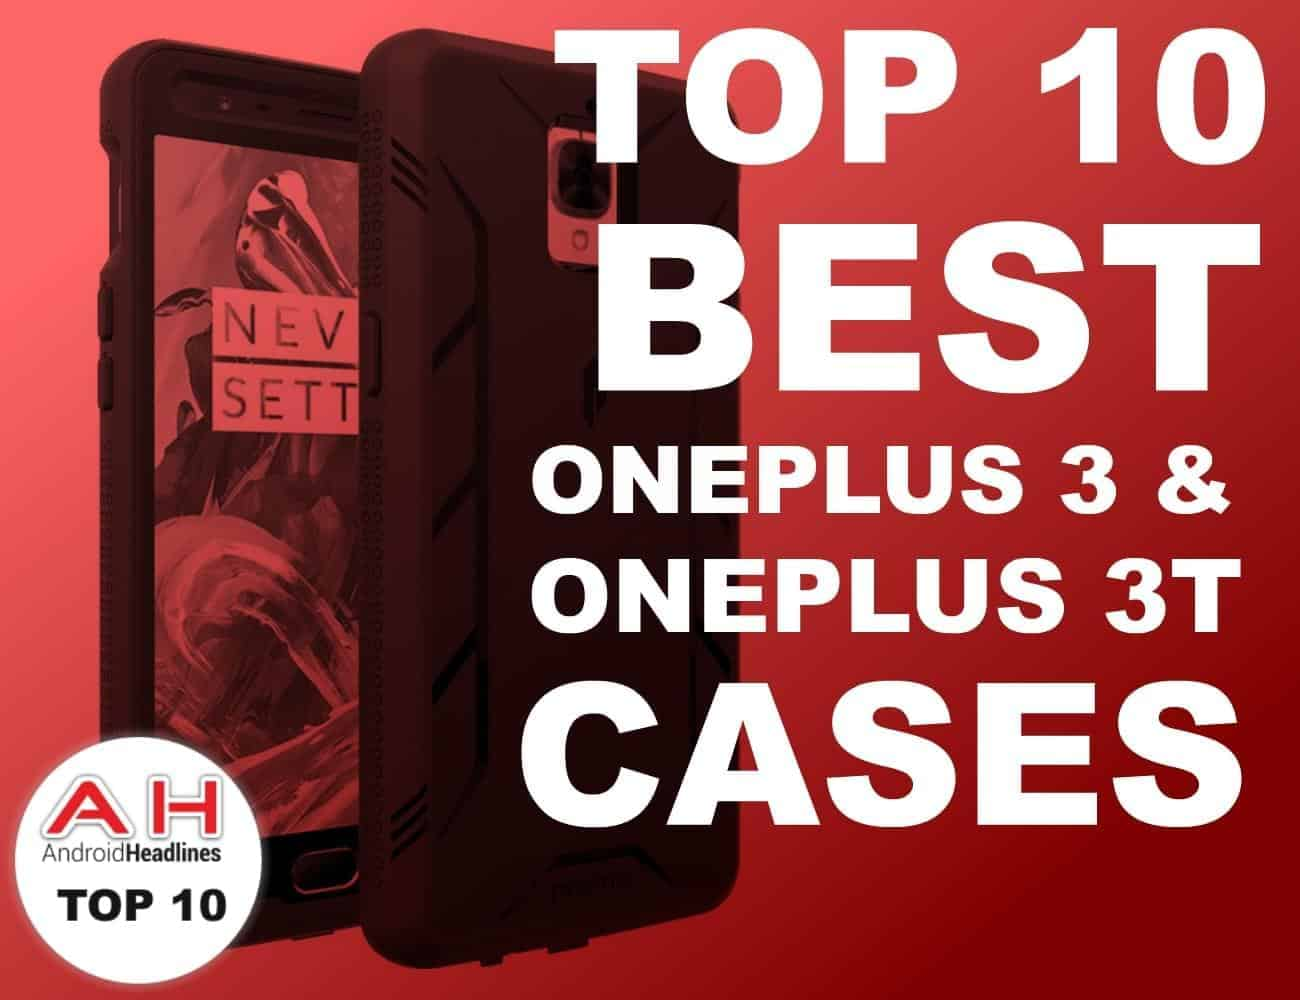 TOP 10 BEST ONEPLUS 3T CASES AH